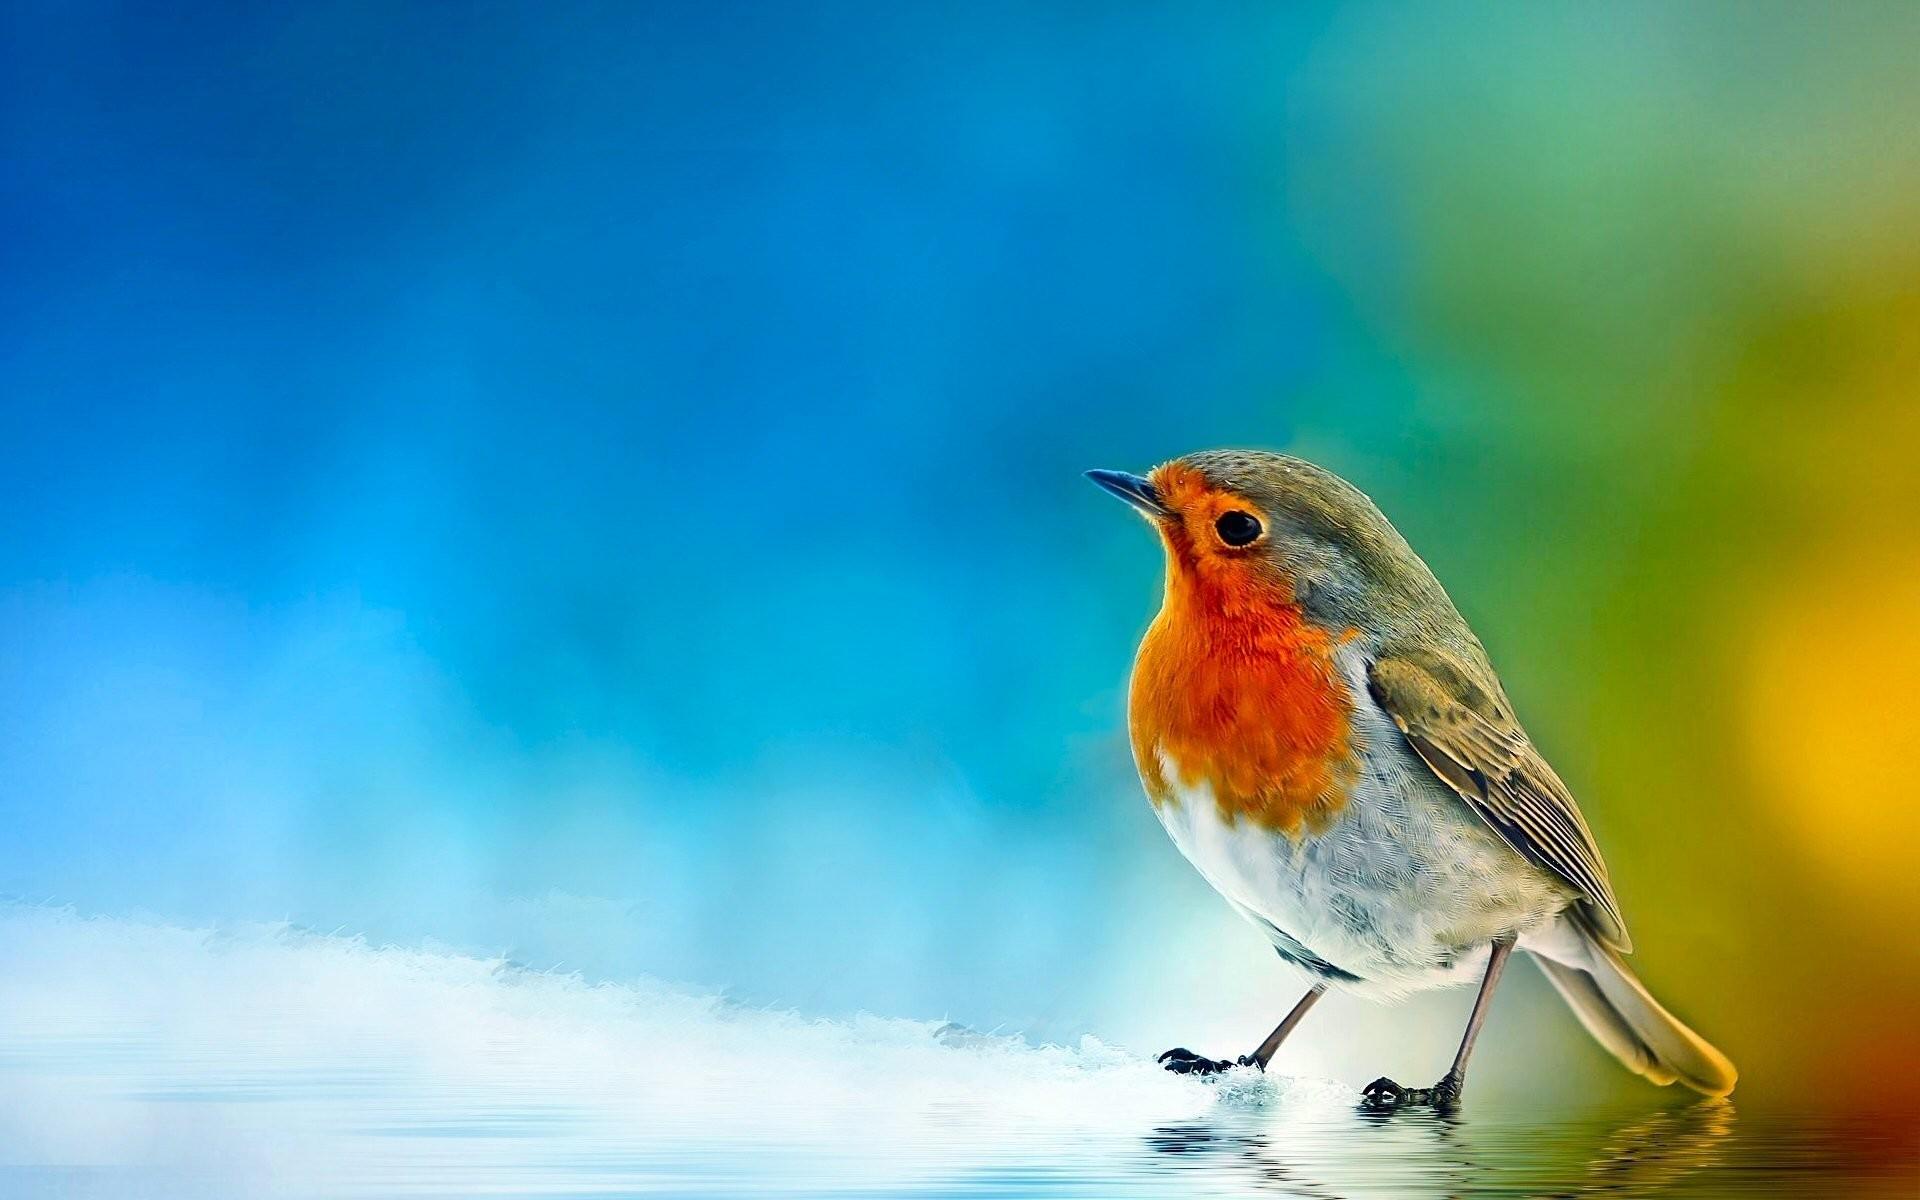 birds wallpaper 62 pictures